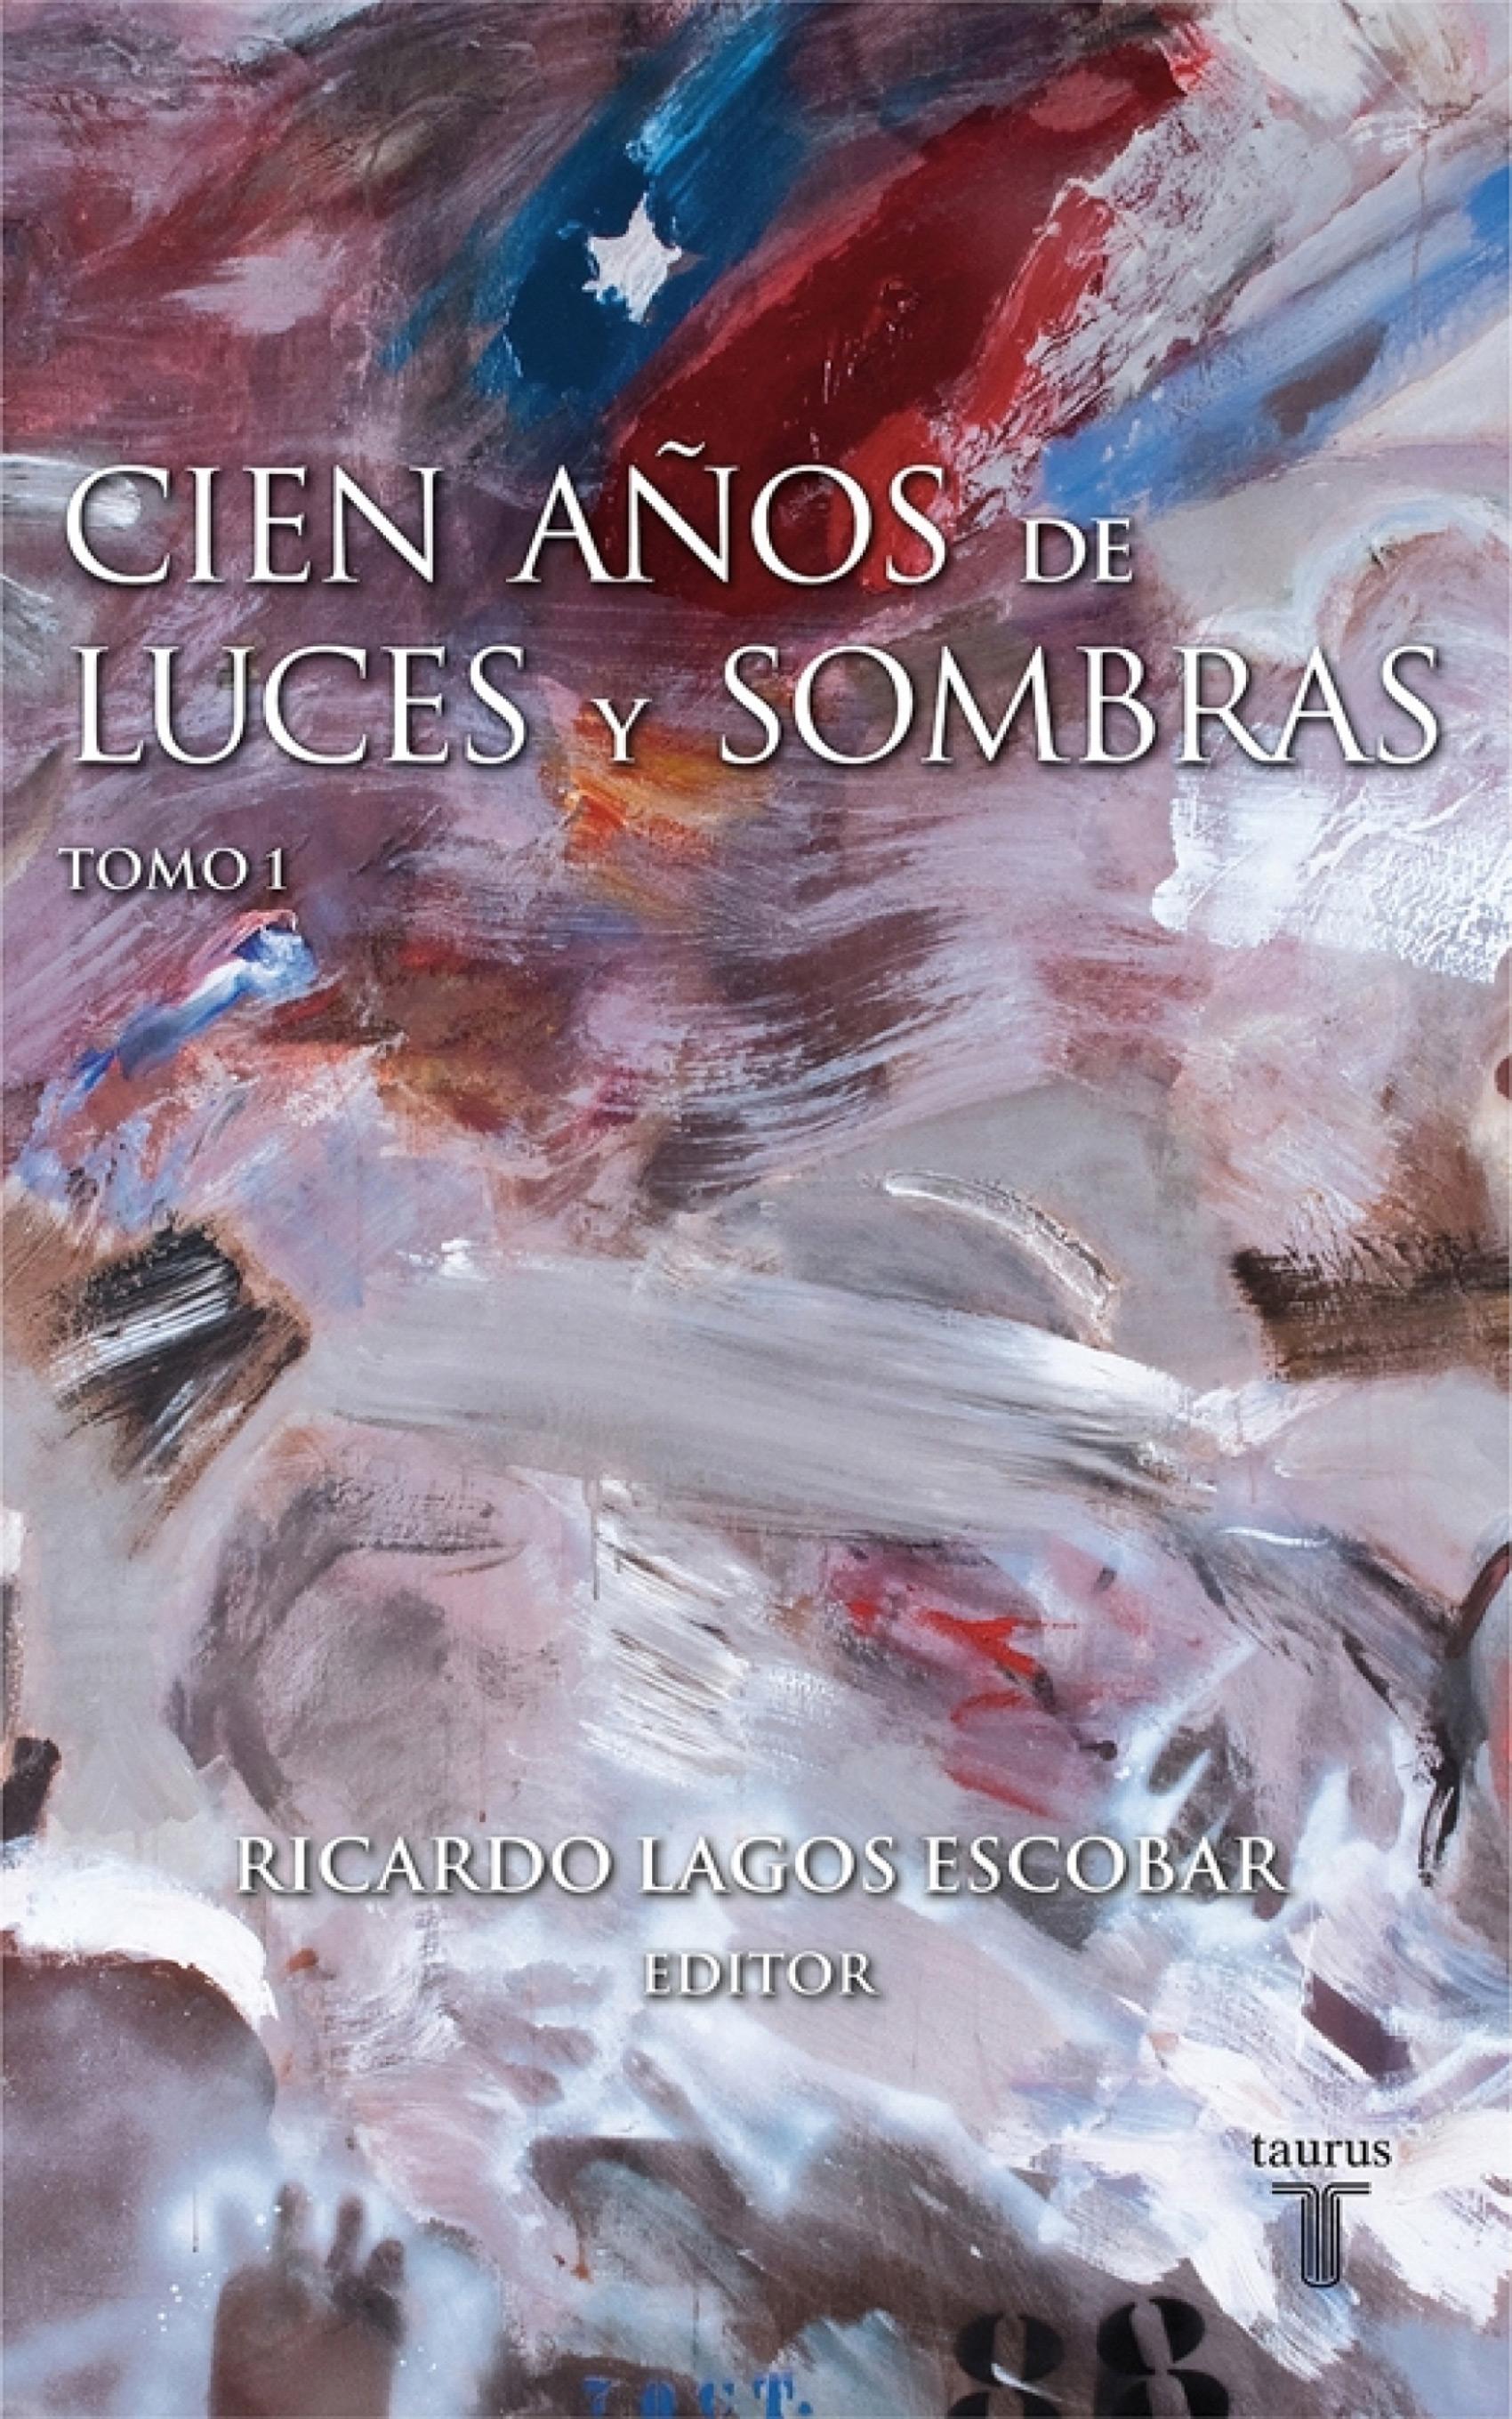 CIEN AÑOS DE LUCES Y SOMBRAS